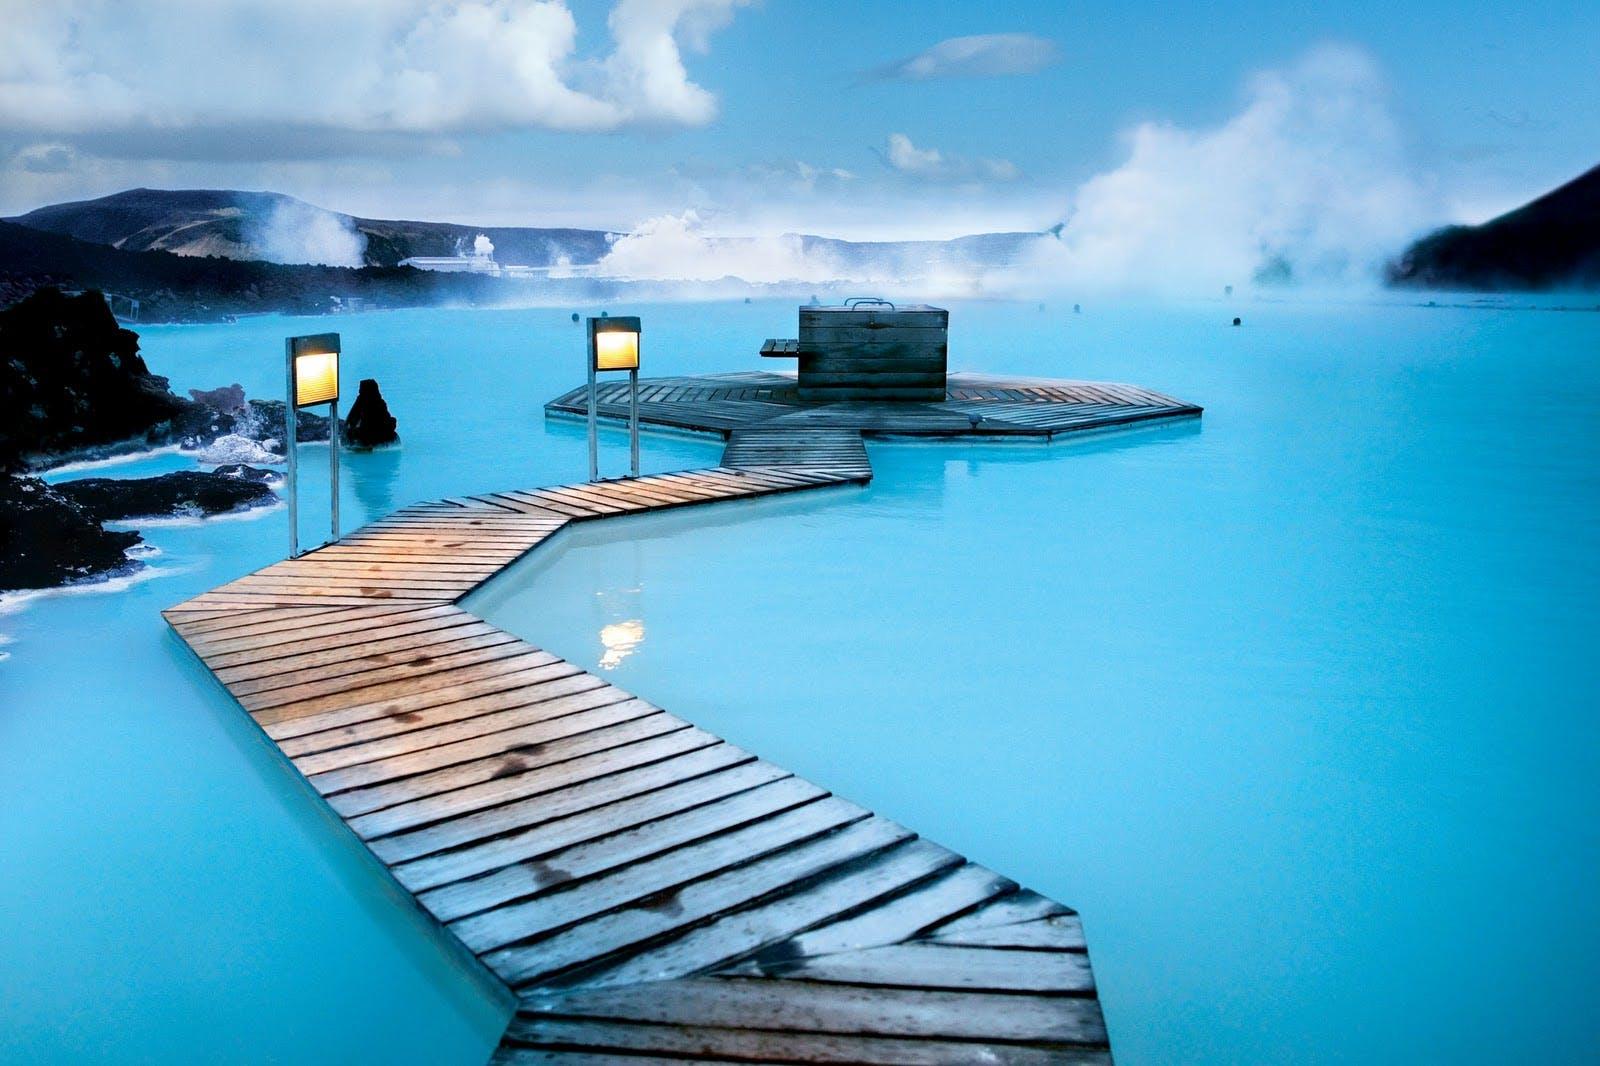 在举世闻名的蓝湖温泉中开启您的冰岛旅行